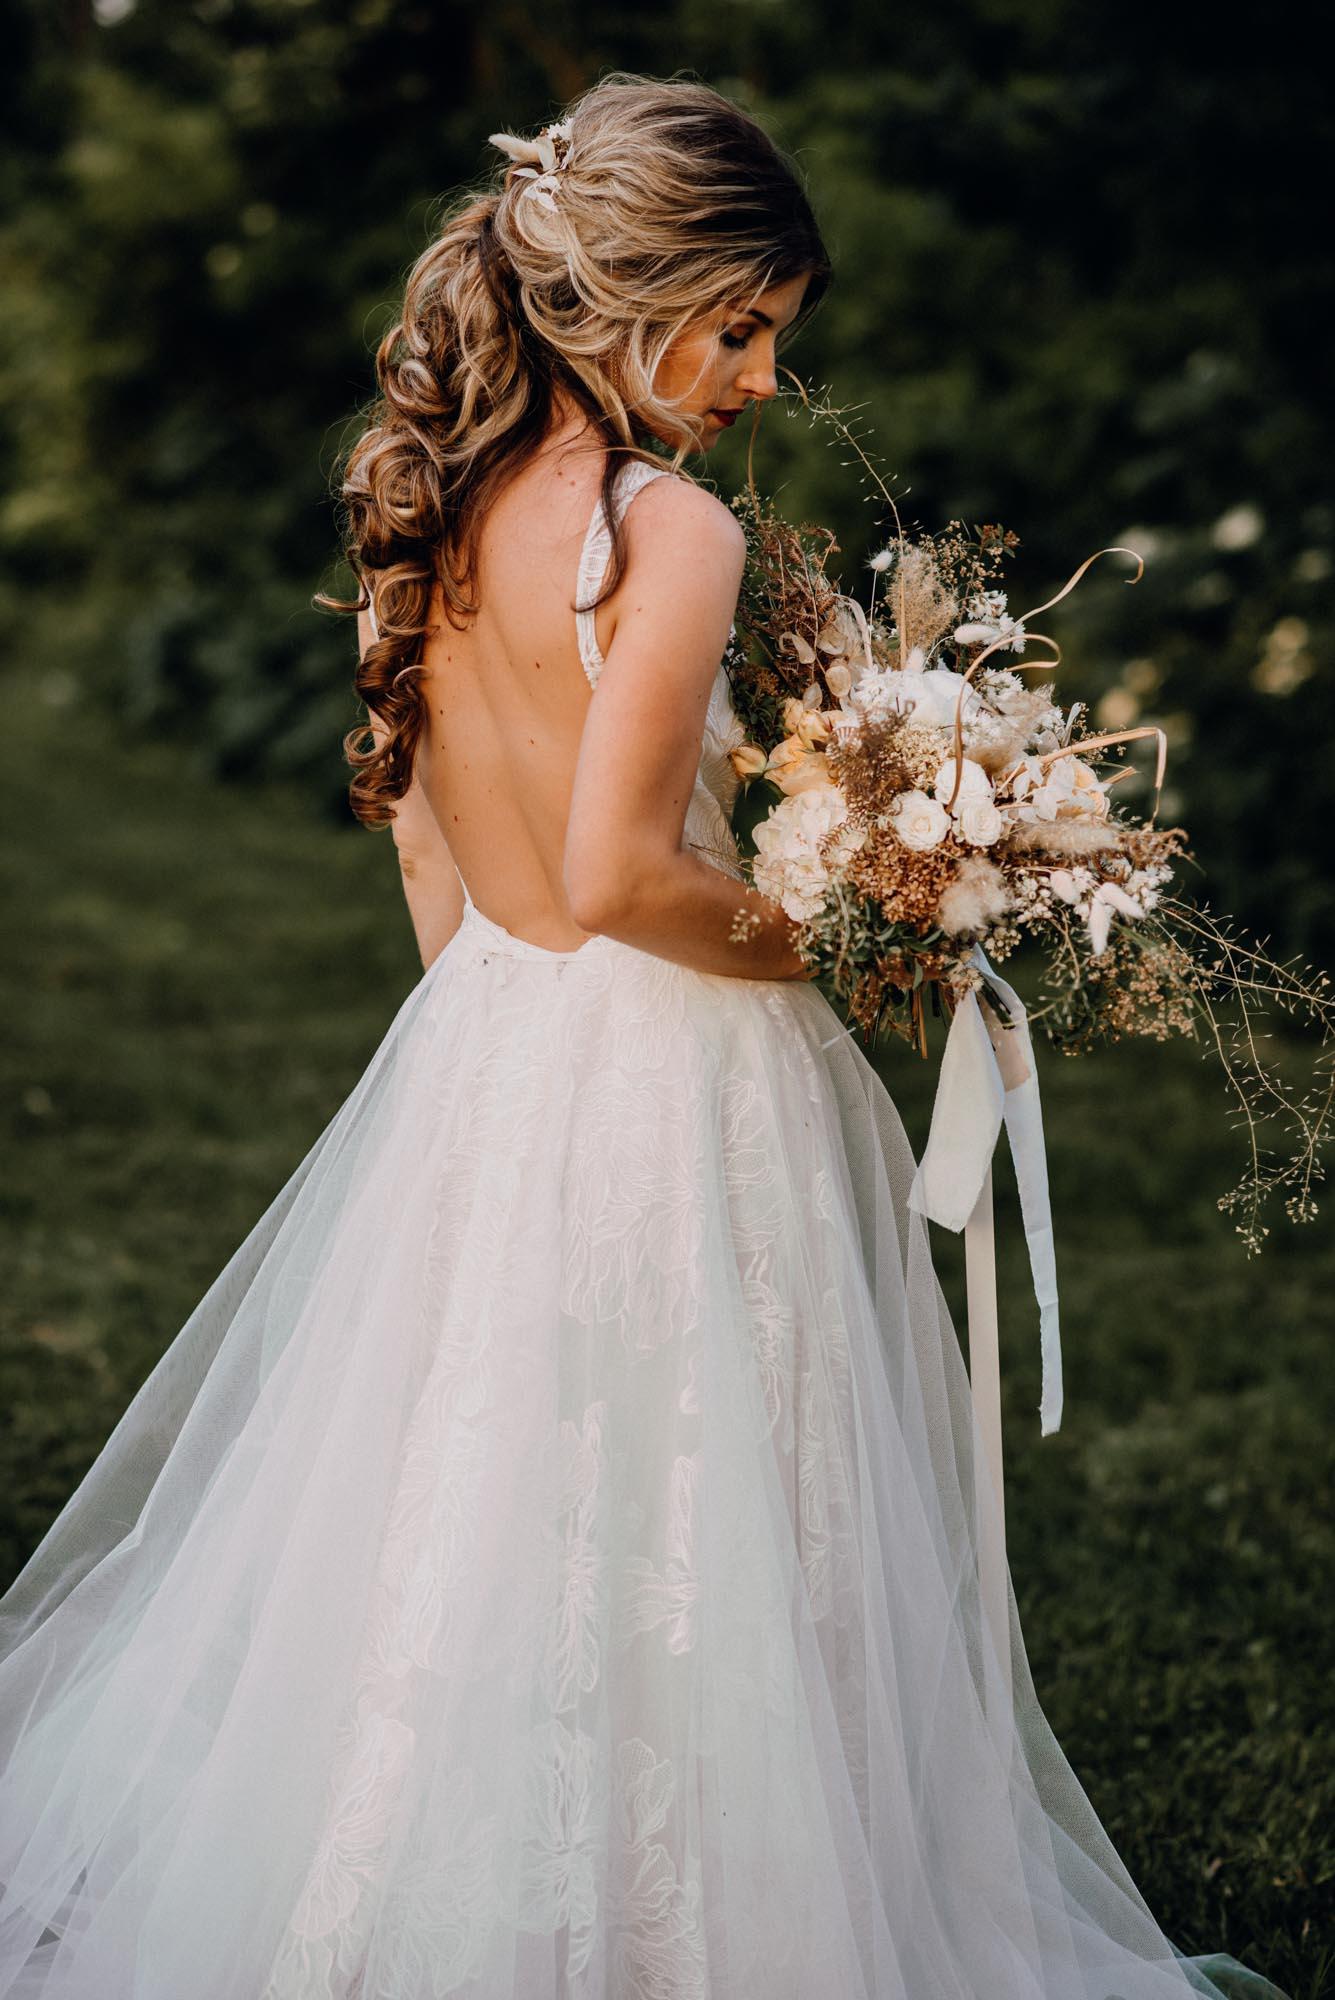 Hochzeit Niederösterreich | Hochzeitslocations, Hochzeitsfotografen & Co